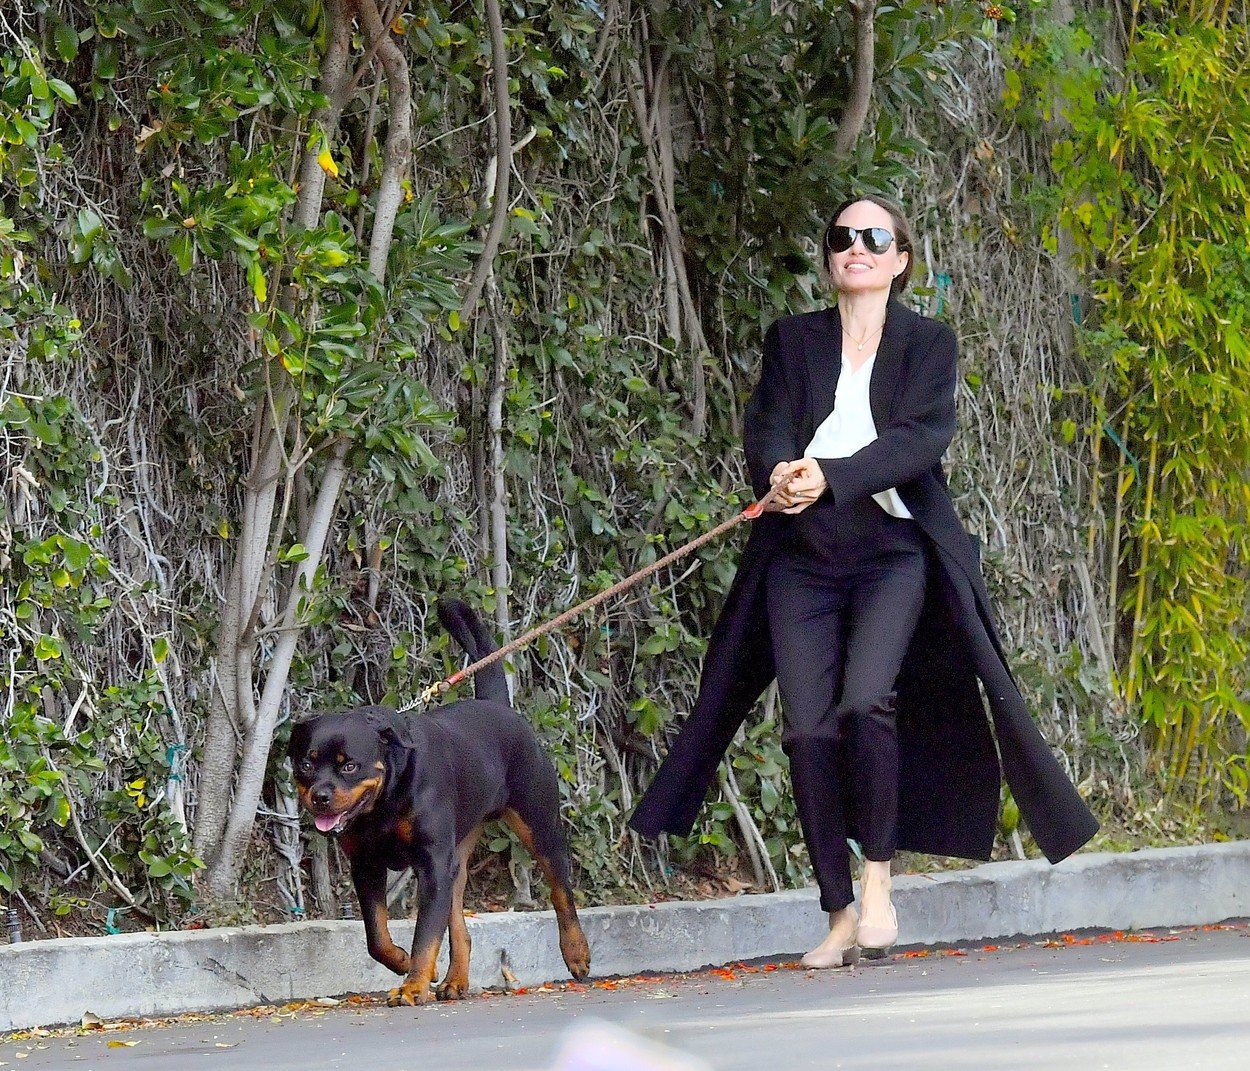 Pes ji málem strhl k zemi: Angelina Jolie chřadne a fanouškům její fotky nahání hrůzu